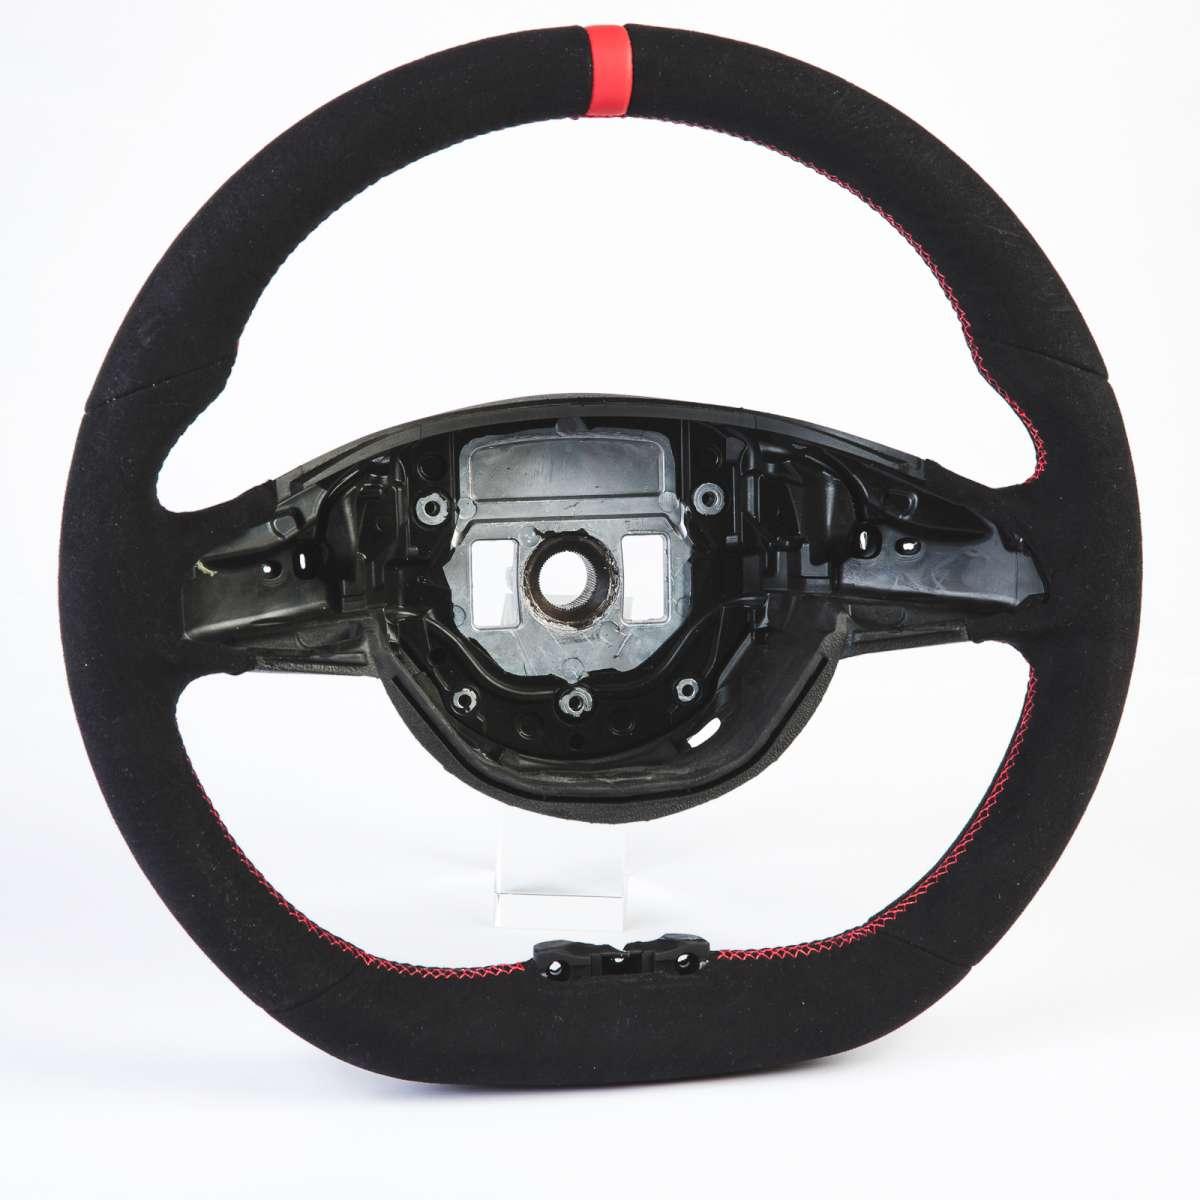 メルセデス ベンツ Cクラス 4代目 W205 C205 D型 スポーツ ステアリング ホイール ハンドル 赤い輪デザイン 本革スエード【___OCS】